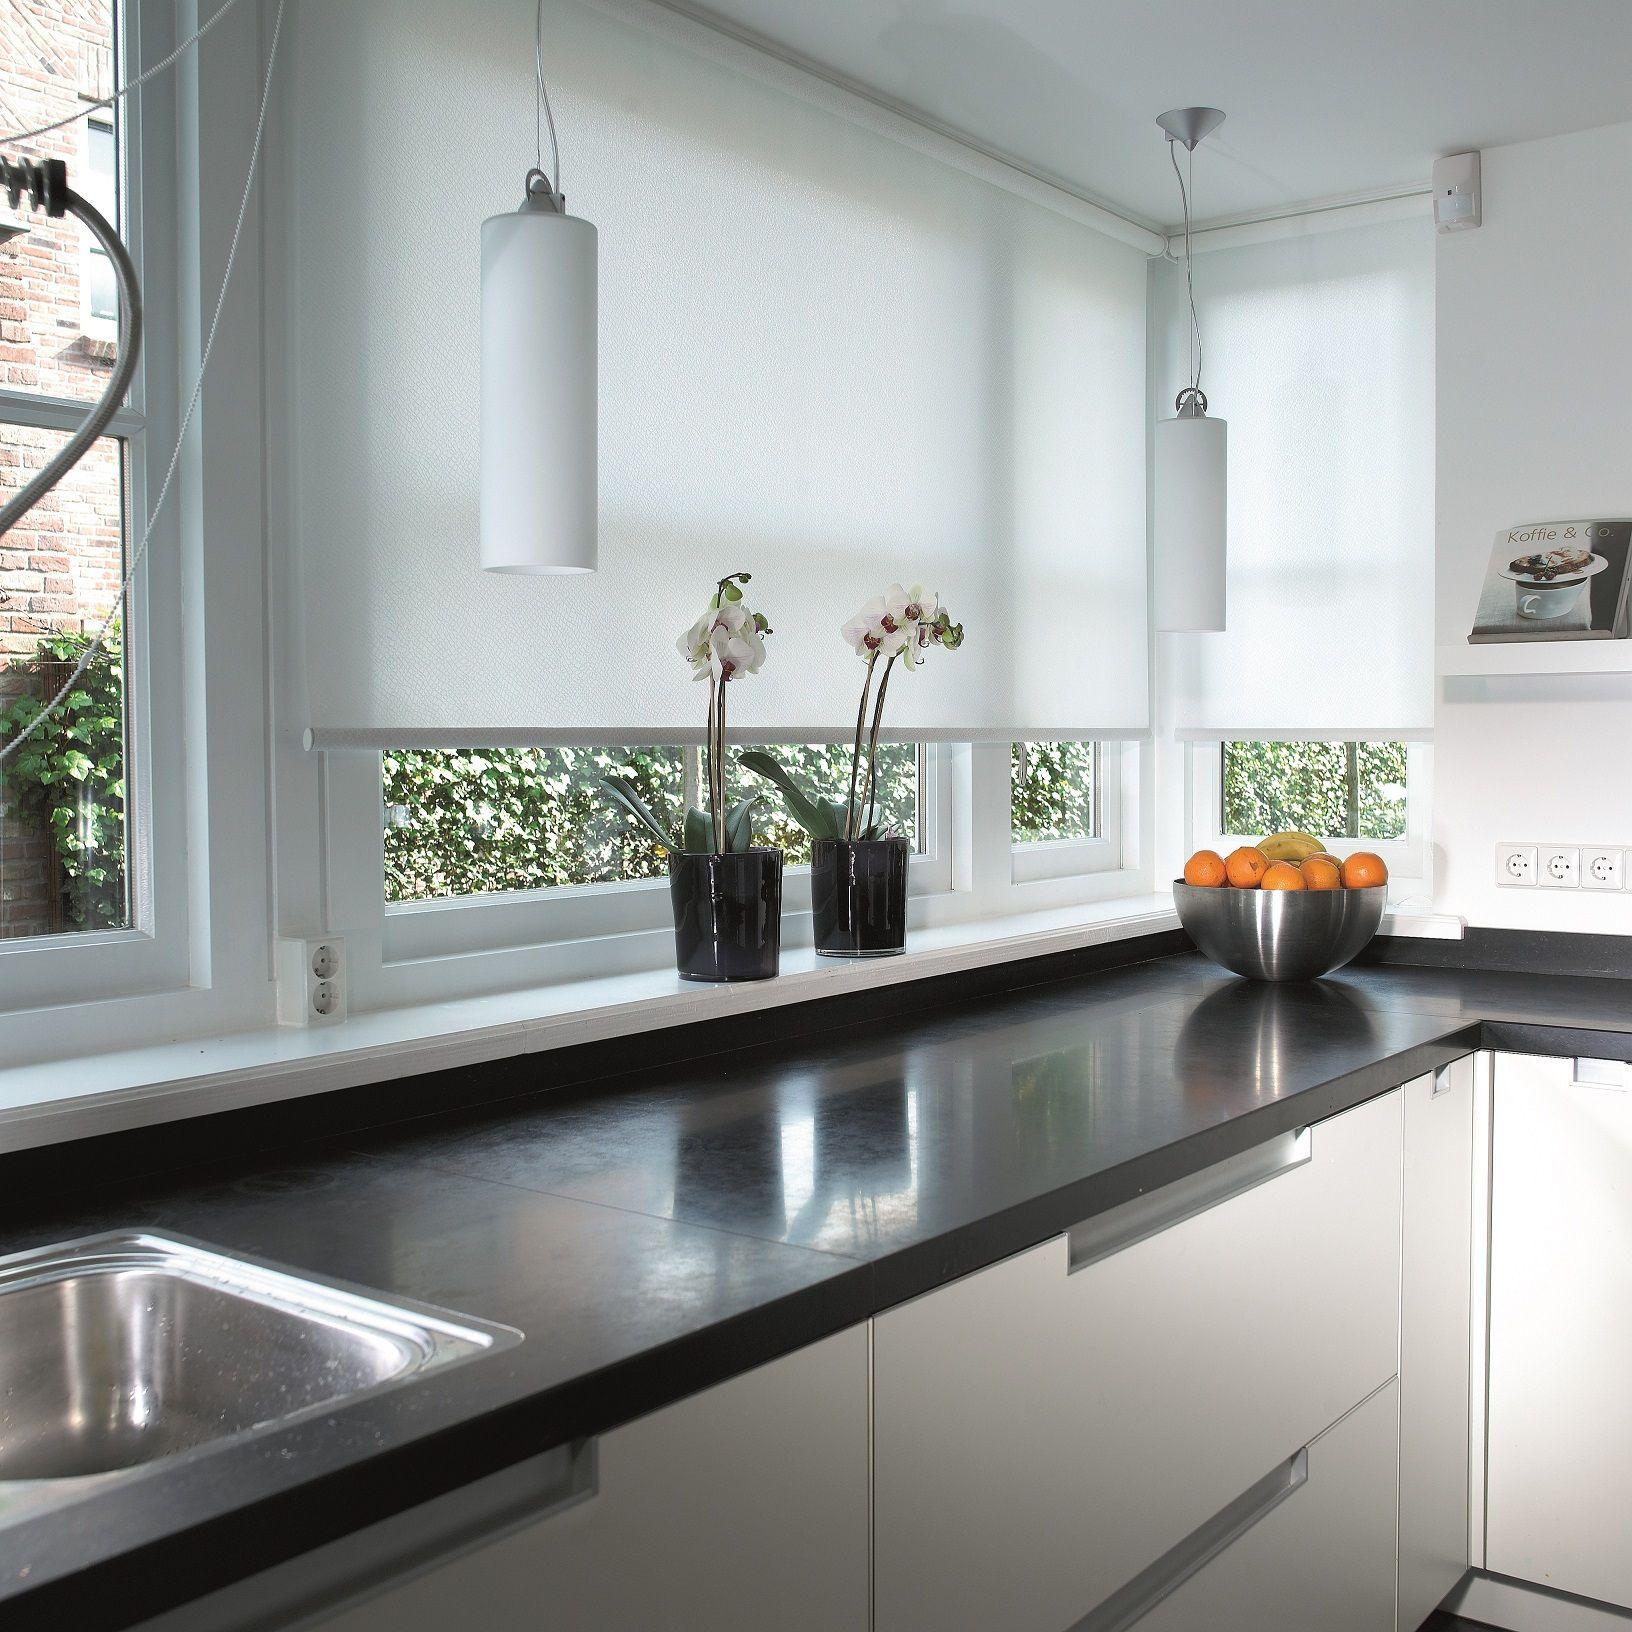 Cortinas enrollables cocinas hogar house blinds for Ventanas de aluminio para cocina